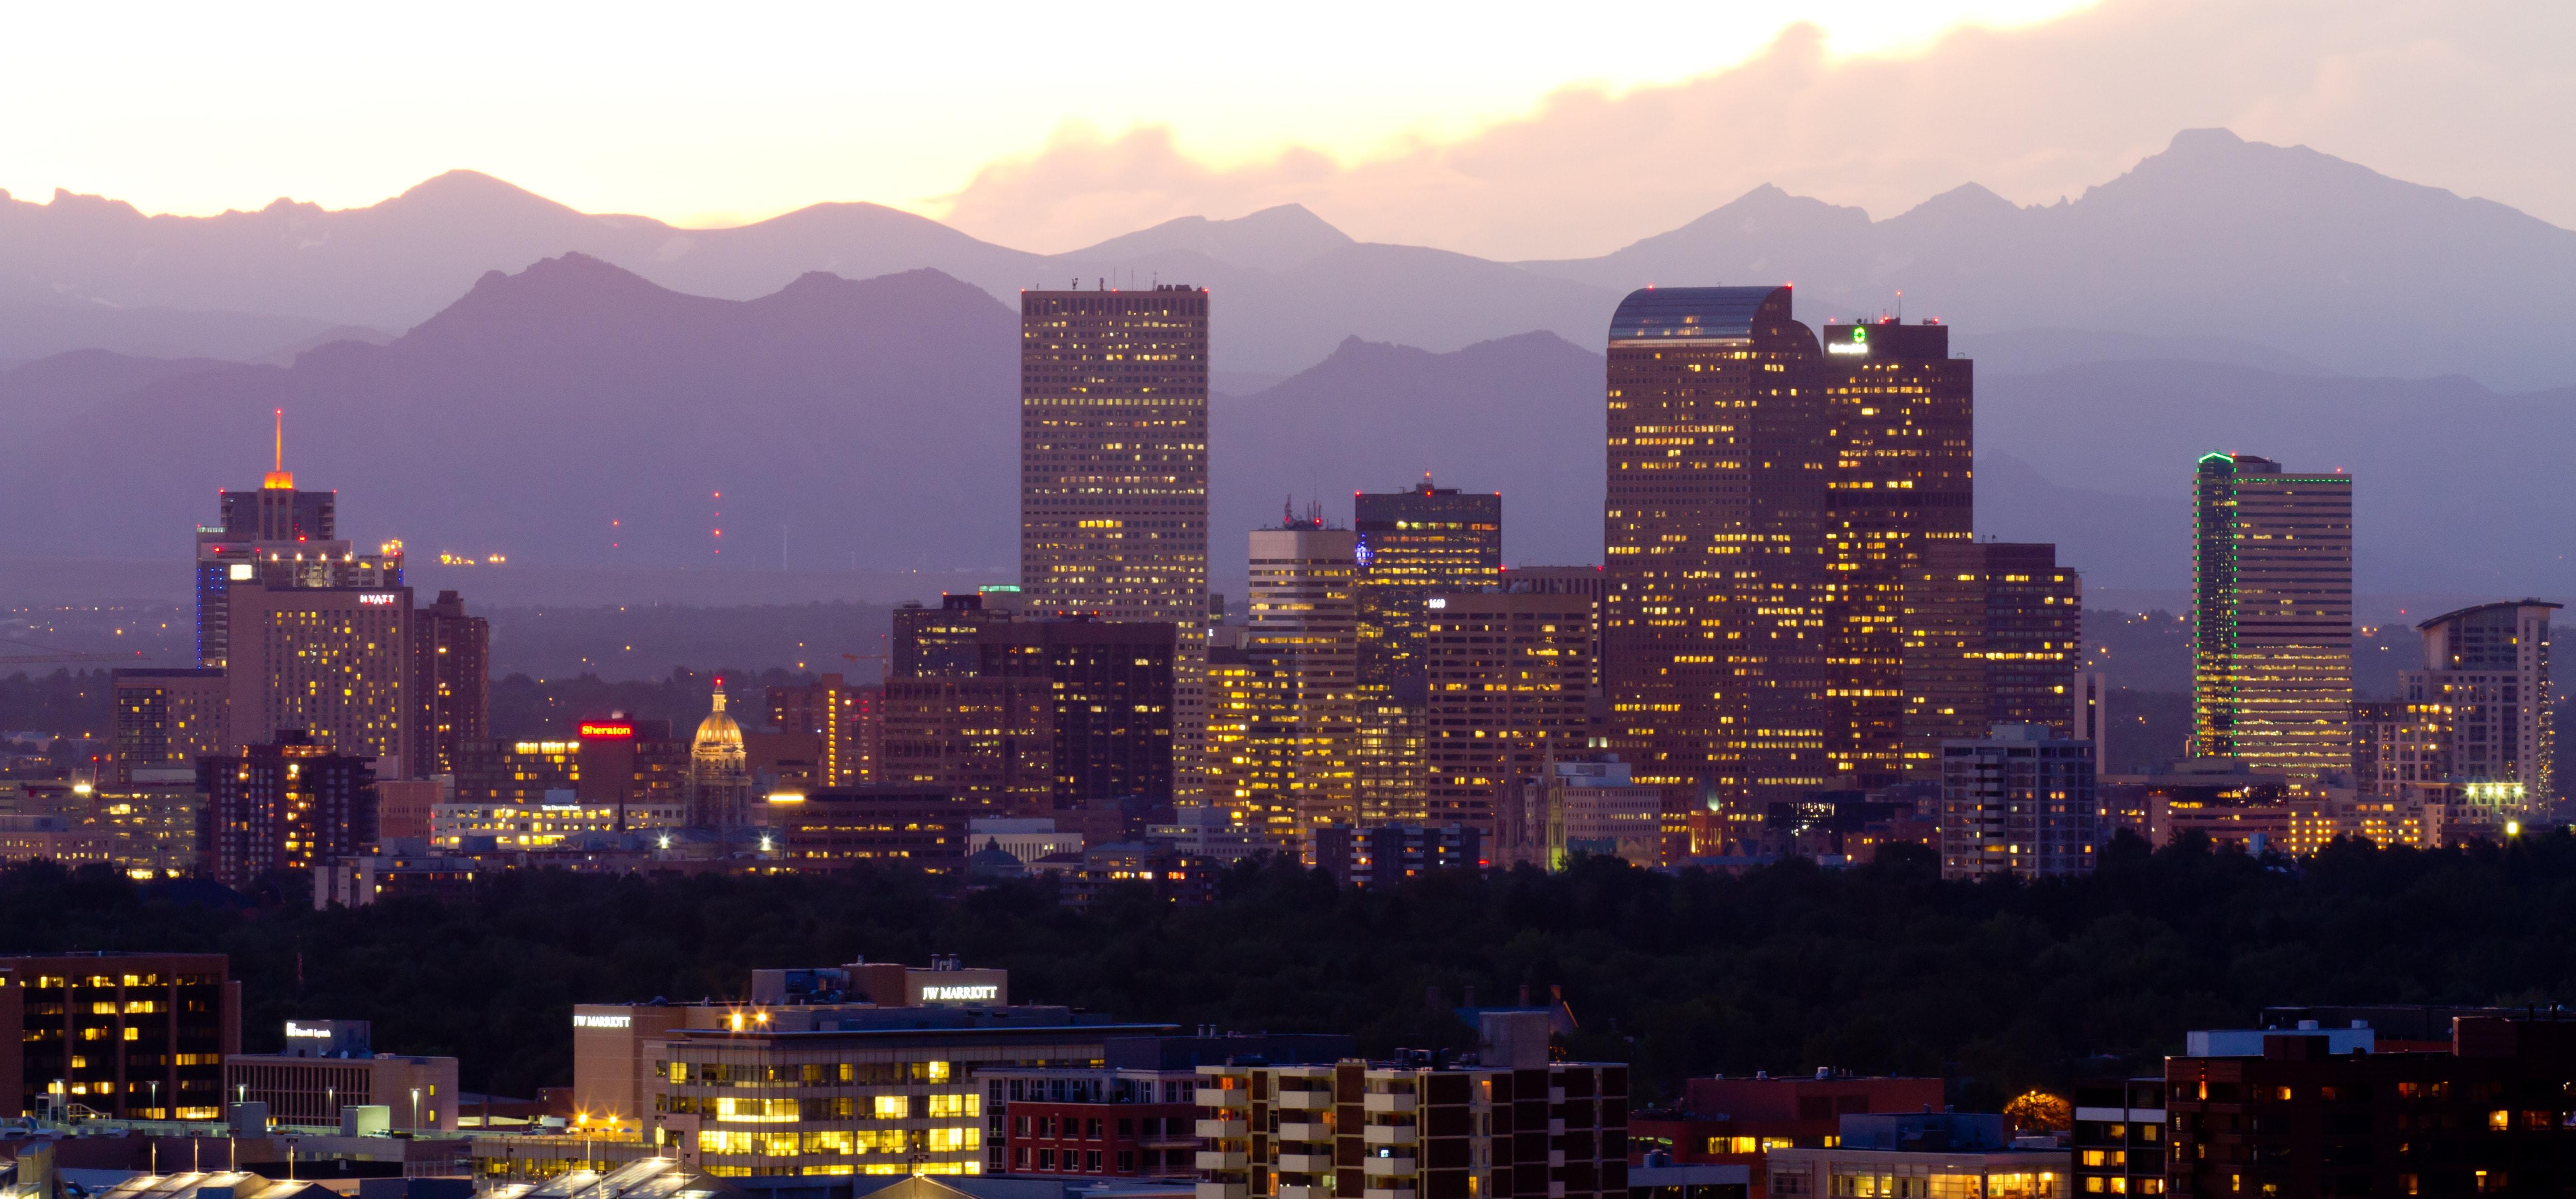 Denver widescreen wallpapers